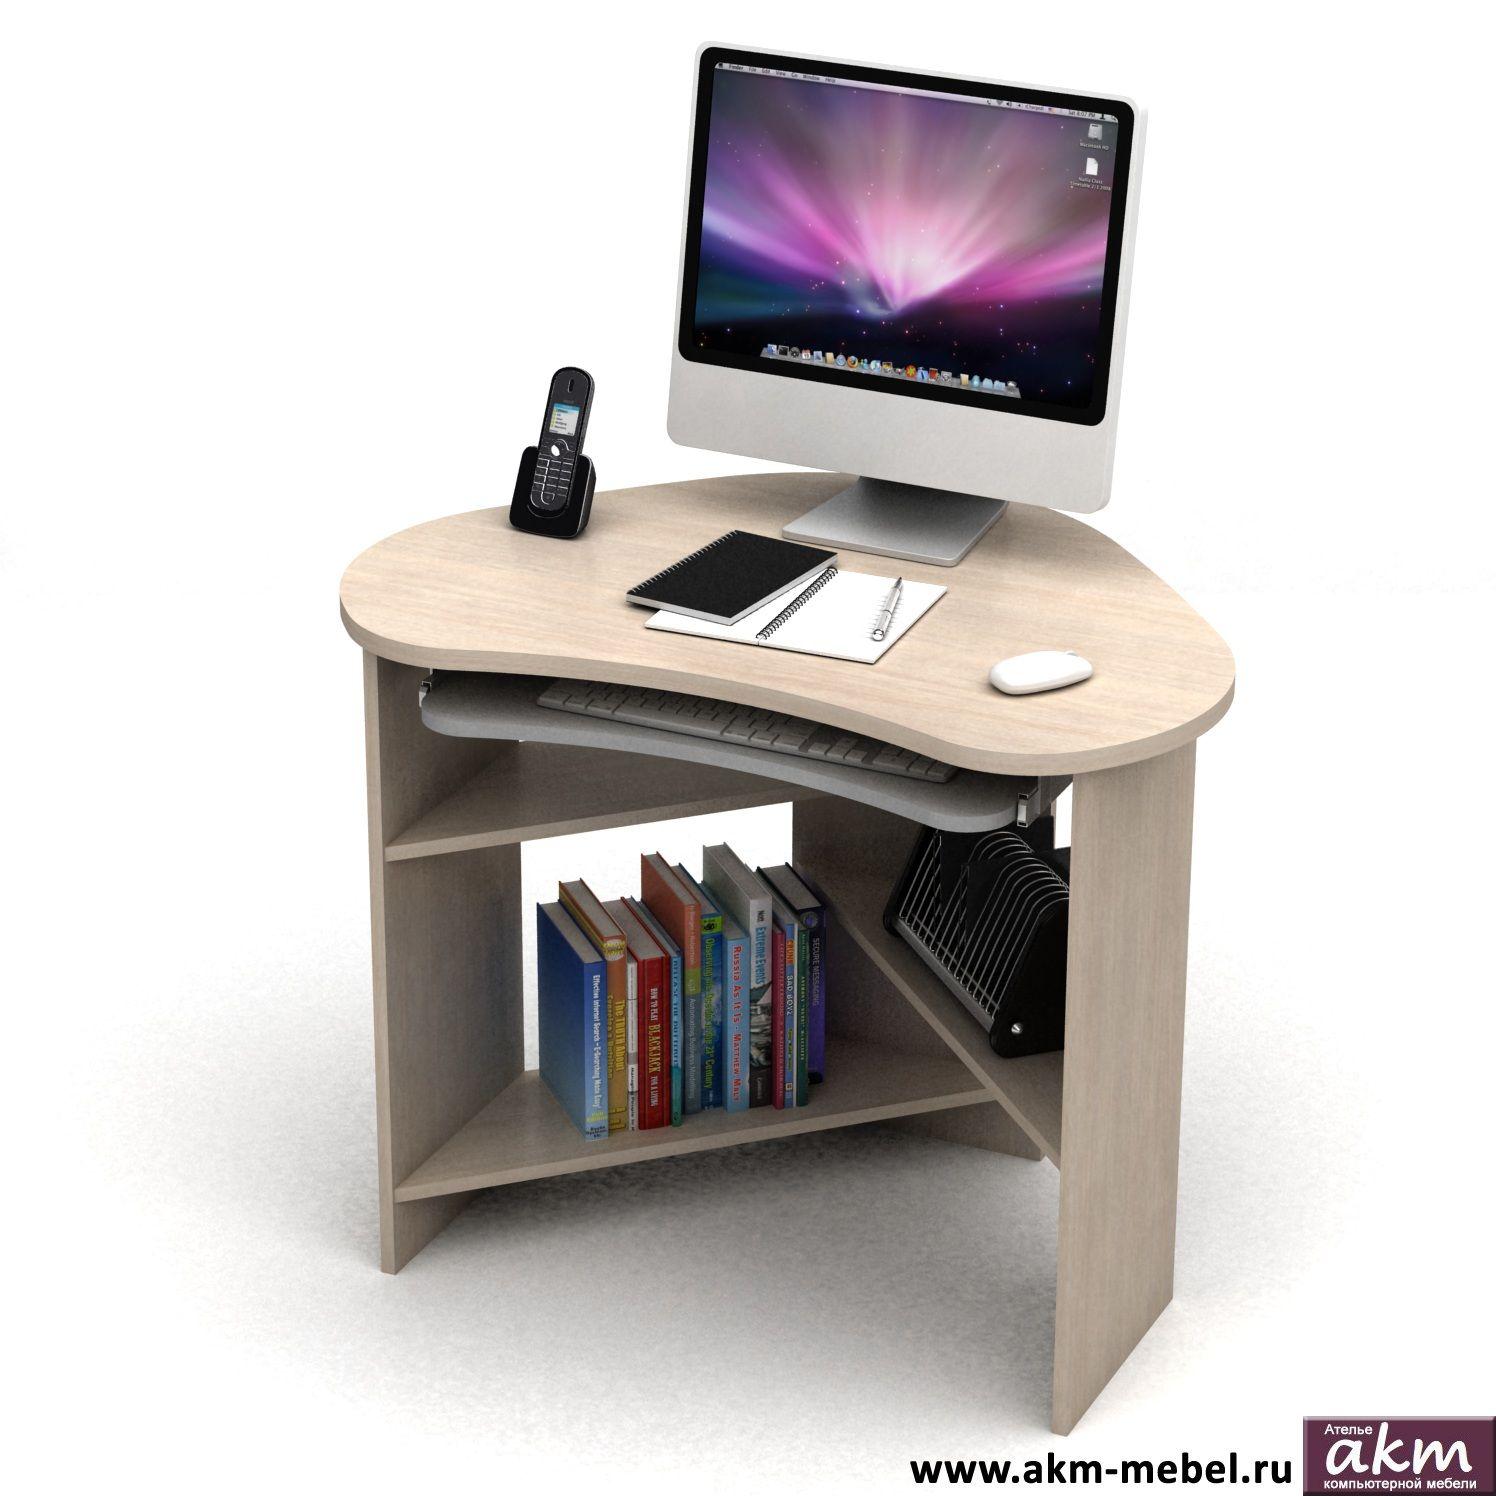 стол под ноутбук фото пару связывали